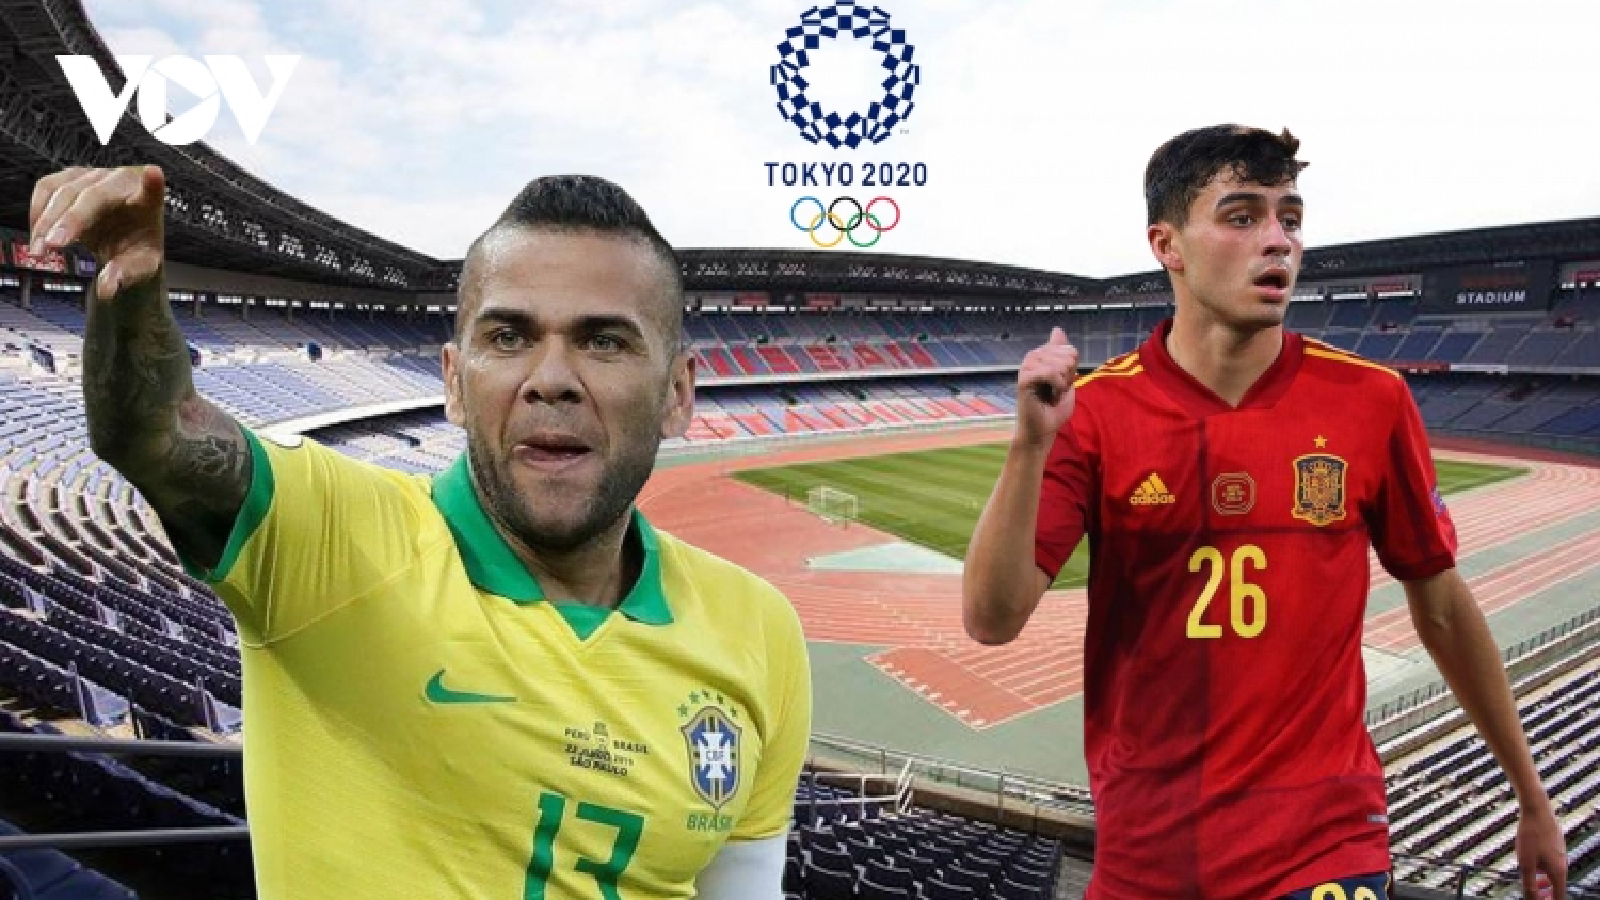 Dự đoán tỷ số, đội hình xuất phát trận Olympic Brazil - Olympic Tây Ban Nha